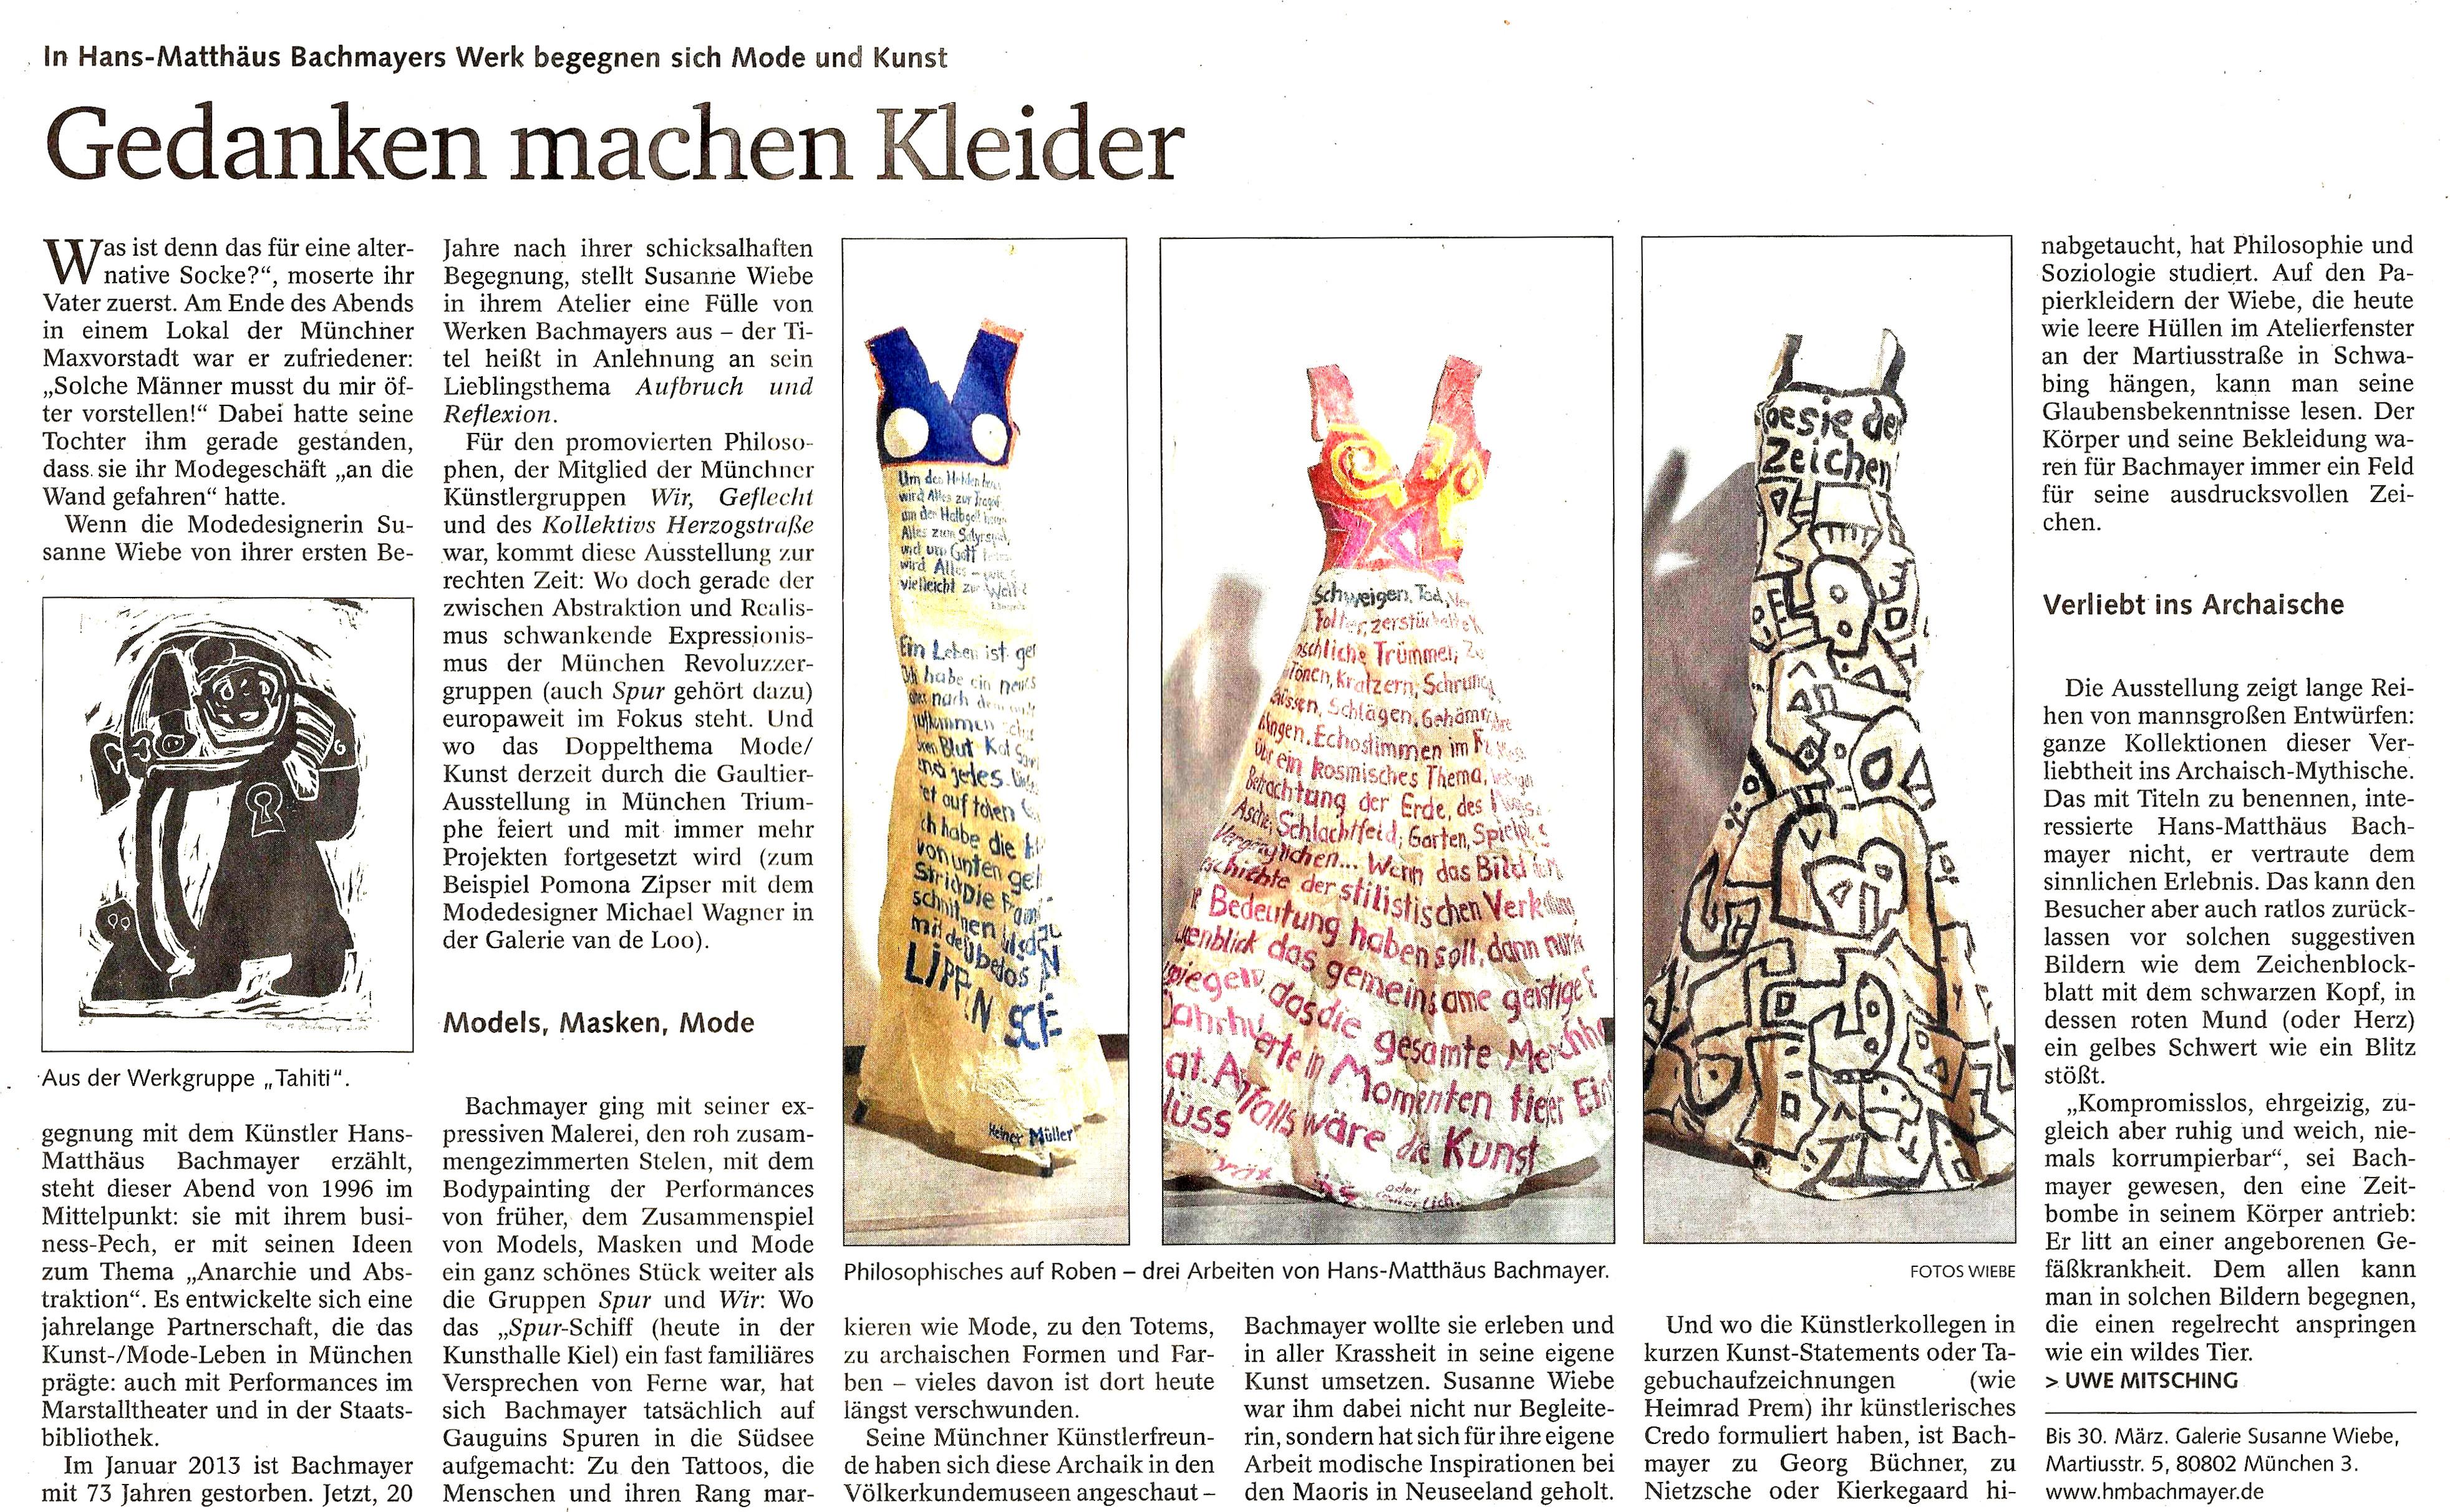 Bayerische Staatszeitung 22.01.2016